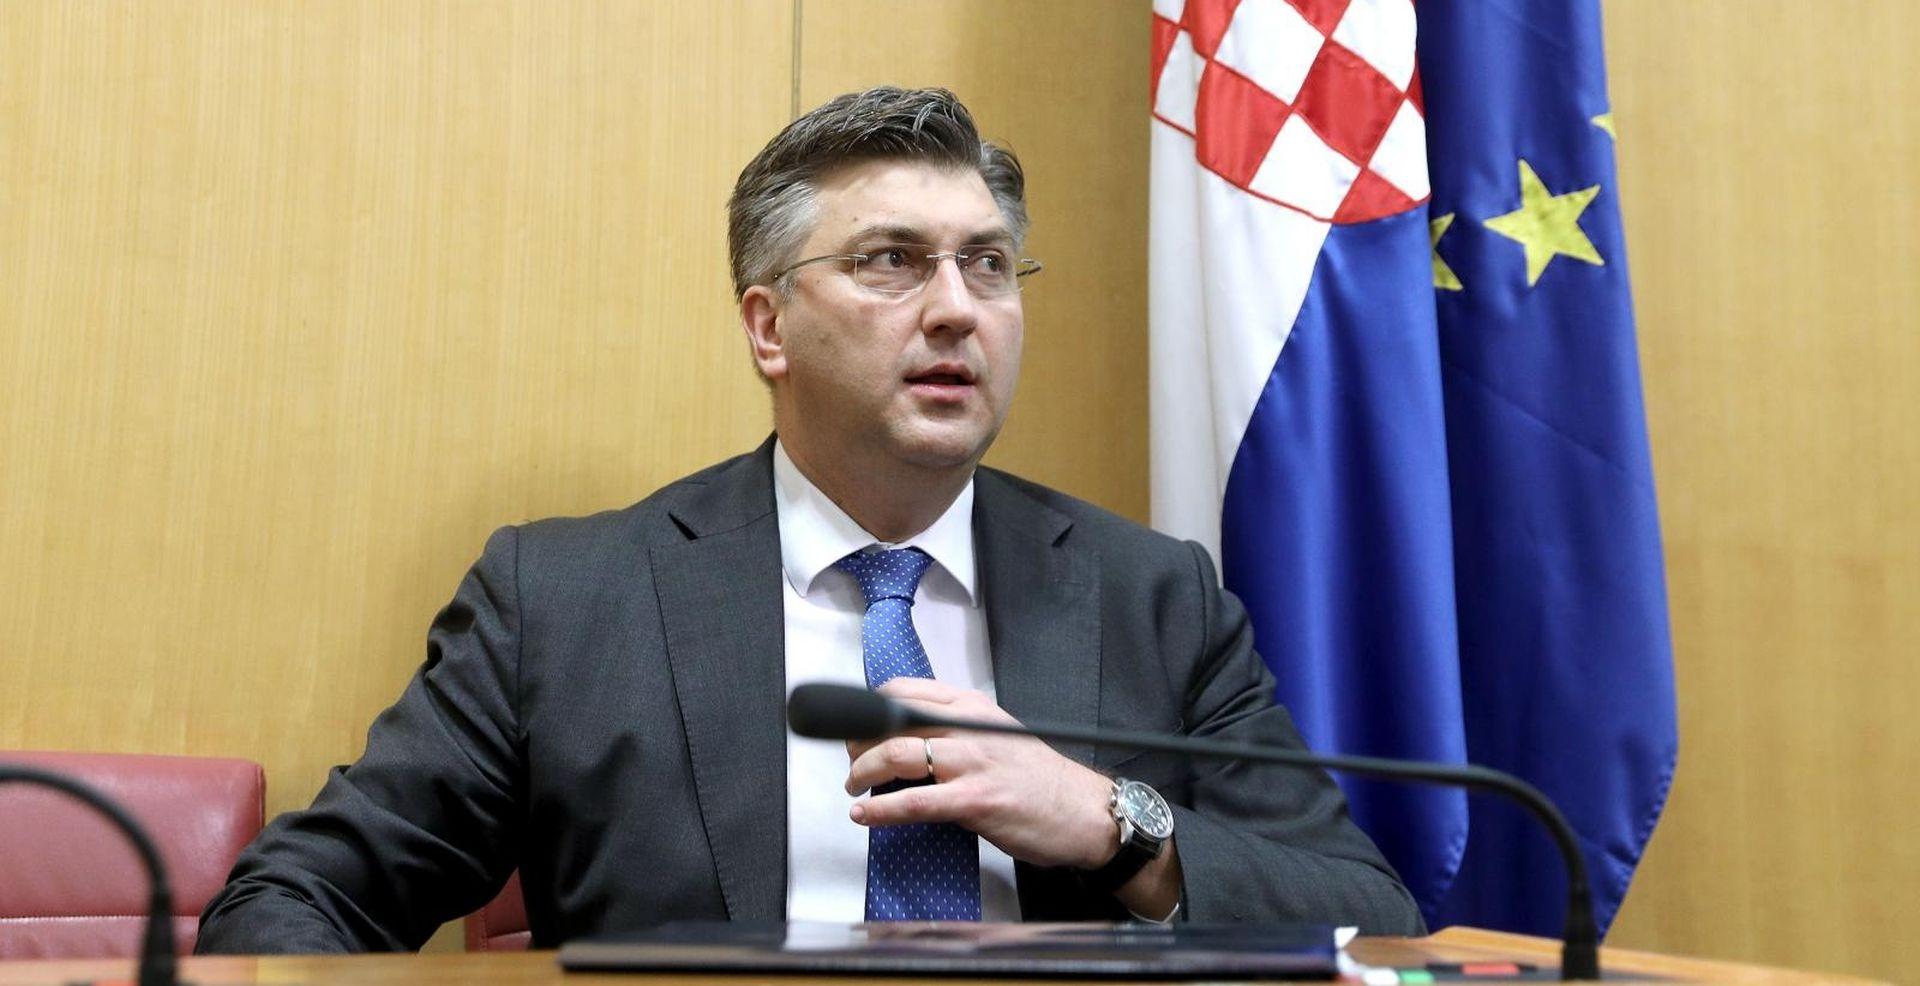 Plenković u Saboru podnosi godišnje izvješće